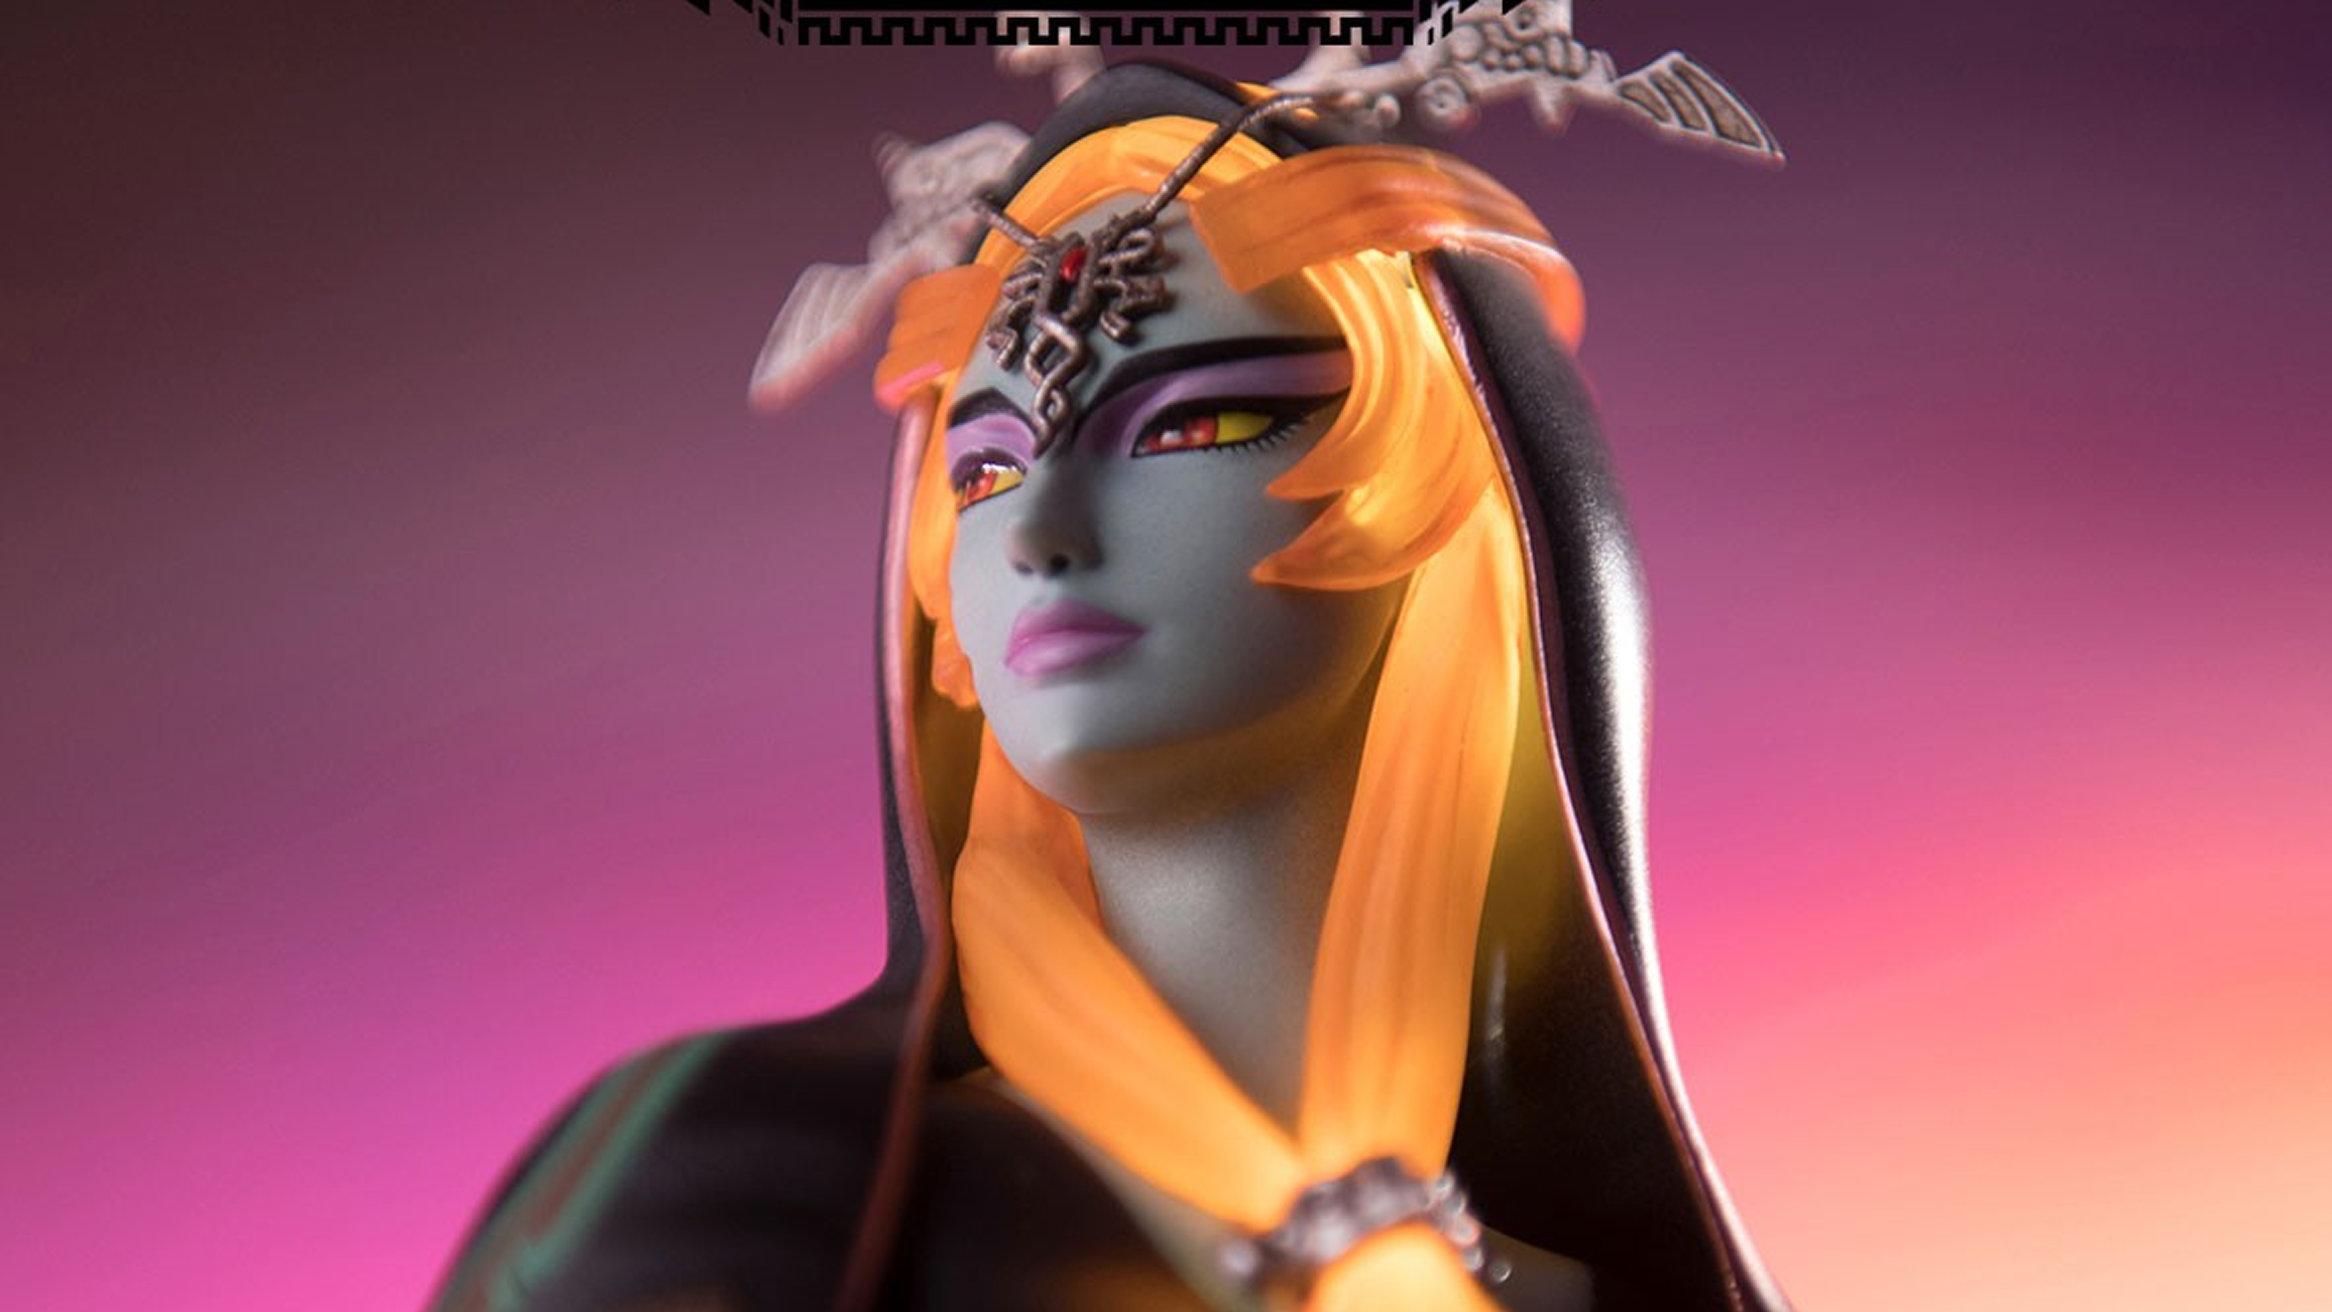 ゼルダの伝説、真のミドナのフィギュアFirst 4 Figures